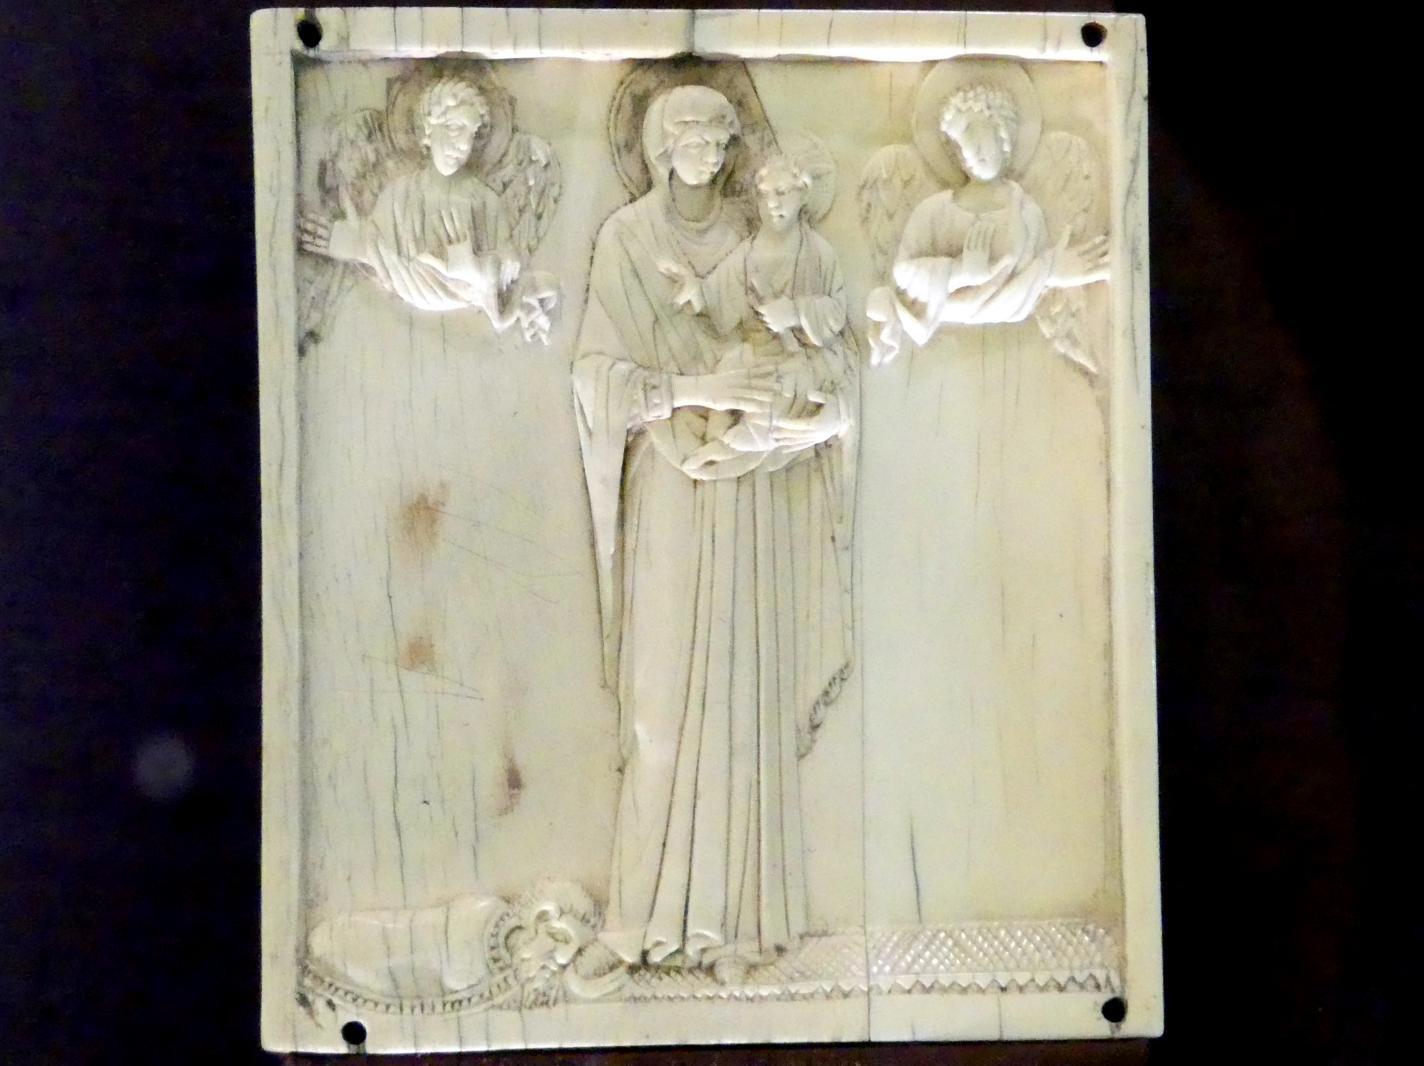 Stehende Gottesmutter, von Engeln verehrt, mit Stifter in Proskynese, Ende 10. Jhd.